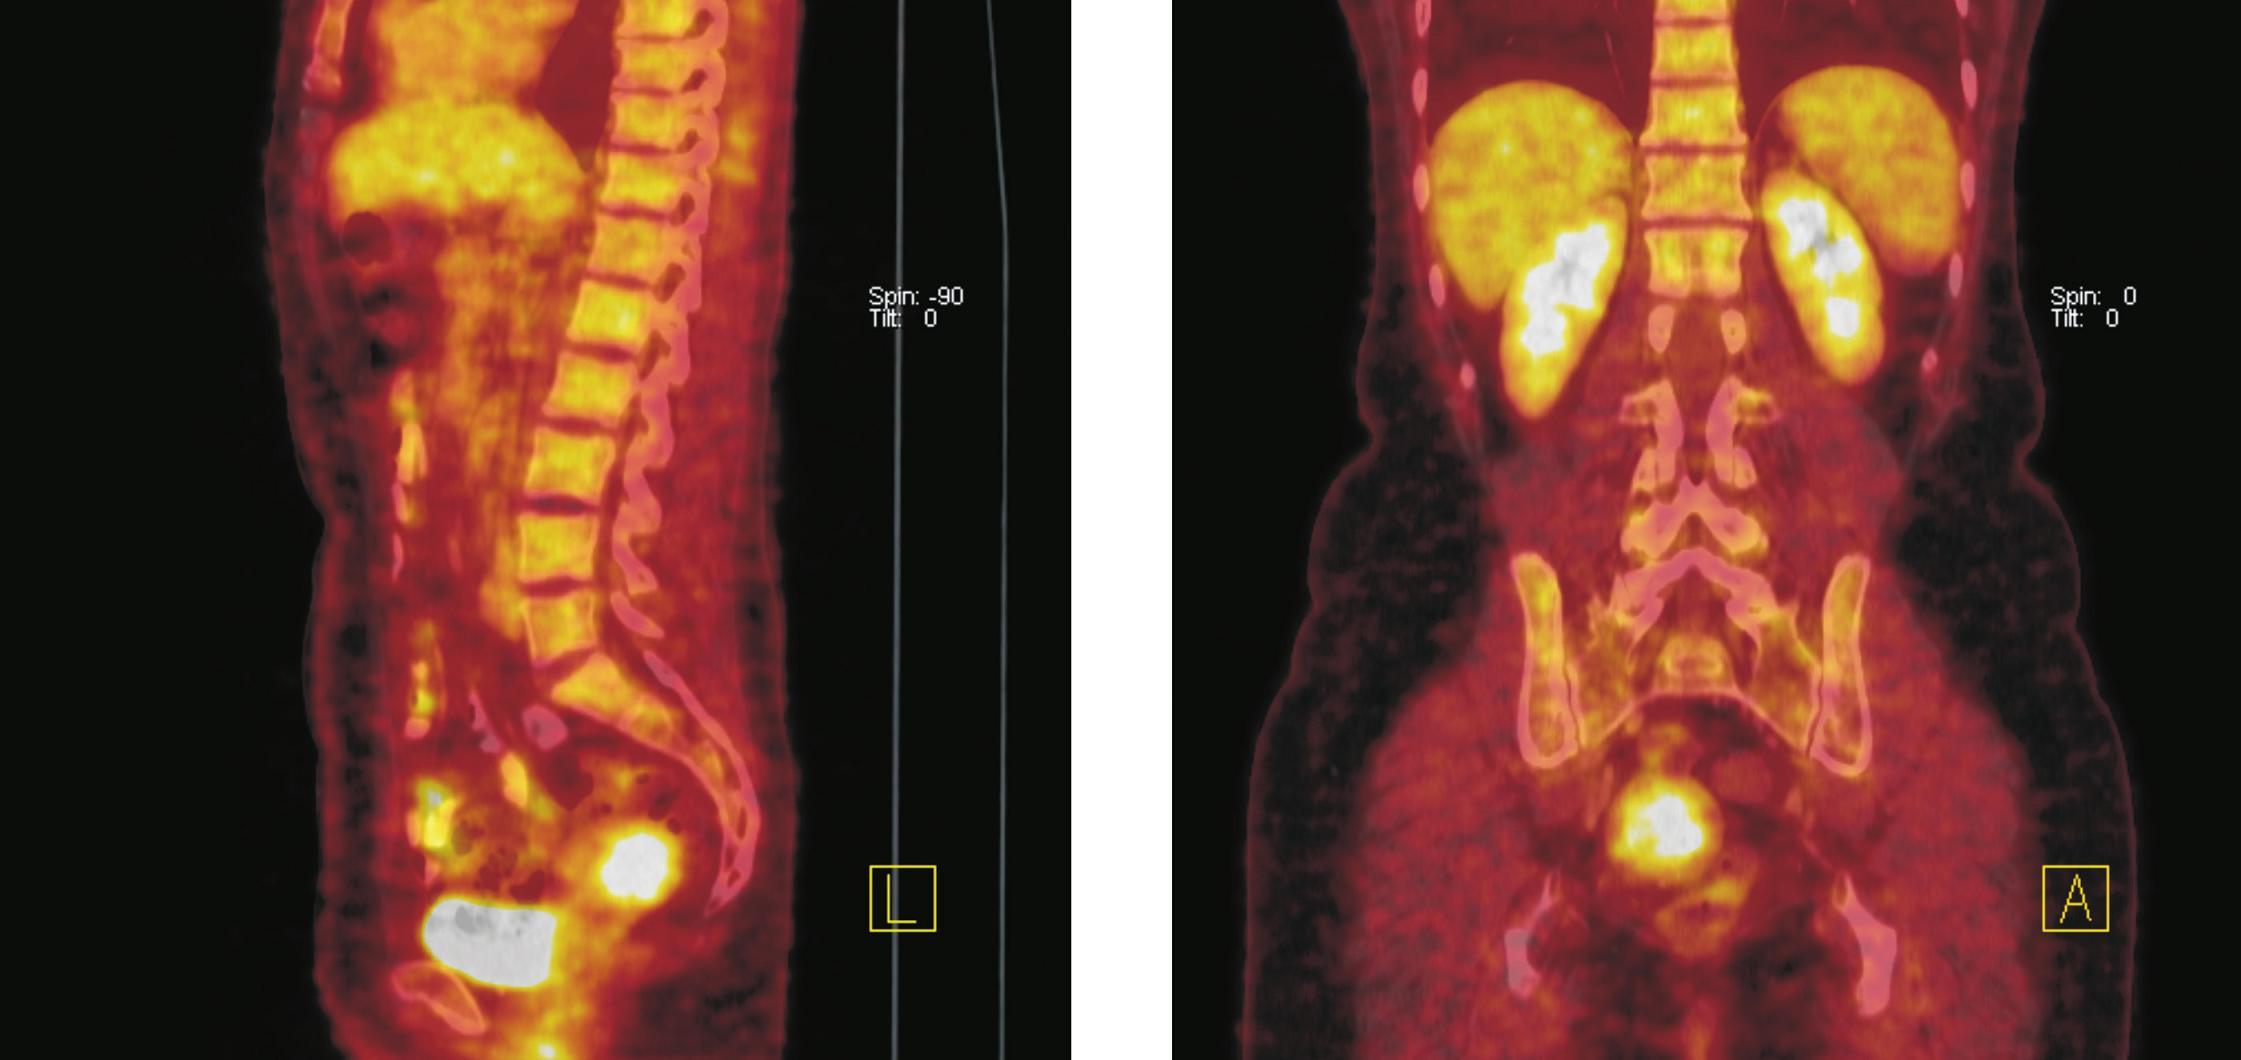 Fúze PET a CT řezů–sagitální rovina (vlevo), koronální rovina (vpravo). Ve fundu dělohy lze na CT diferencovat hyperdenzní formaci o průměru 36 mm se zvýšenou akumulací <sup>18</sup>F-FDG. Po srovnání klinických a ultrazvukových nálezů z posledních 5 let (gynekolog) a vstupního CT vyšetření bylo konstatováno, že se jedná o stacionární leiomyom děložního těla. Kontrolní <sup>18</sup>F-FDG PET/CT vyšetření o rok později potvrdilo neměnnost nálezu.